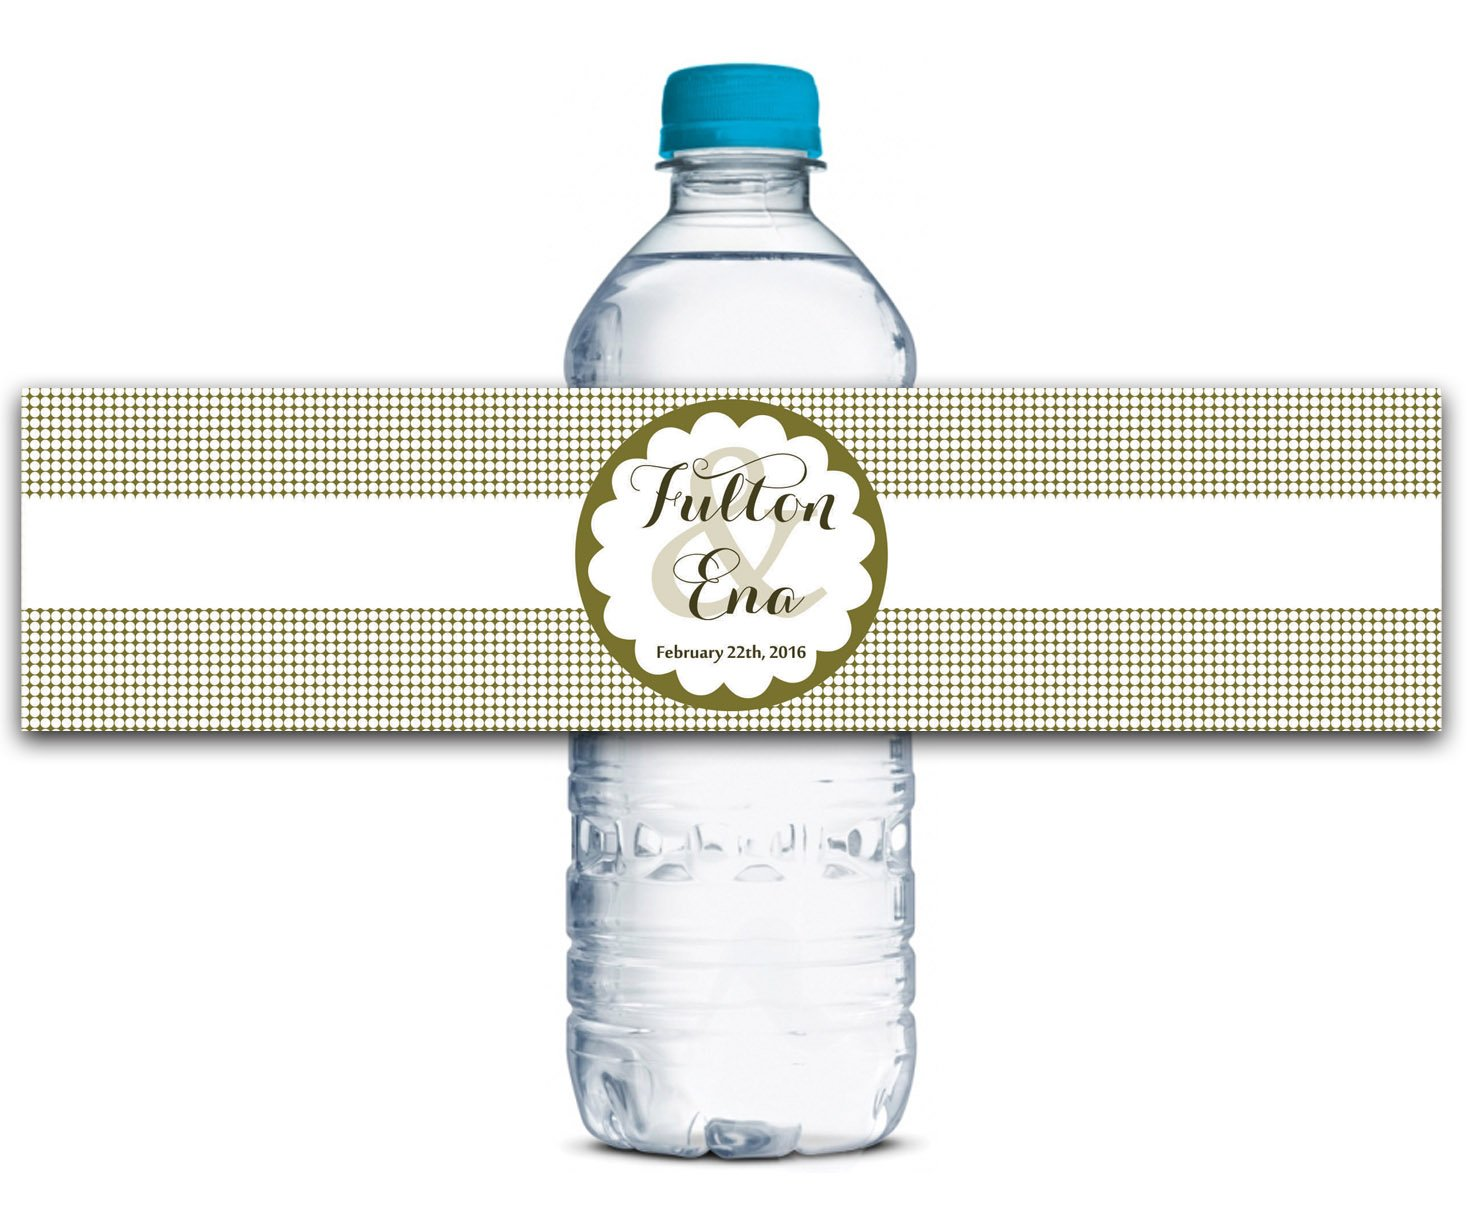 Kleber Wasserdicht Wasserdicht Wasserdicht Kundenspezifische Hochzeits-Aufkleber Personalisierte Wasserflasche Labels 8  x 2  Zoll - 50 Etiketten B01A0W154C | Angemessener Preis  9a8801